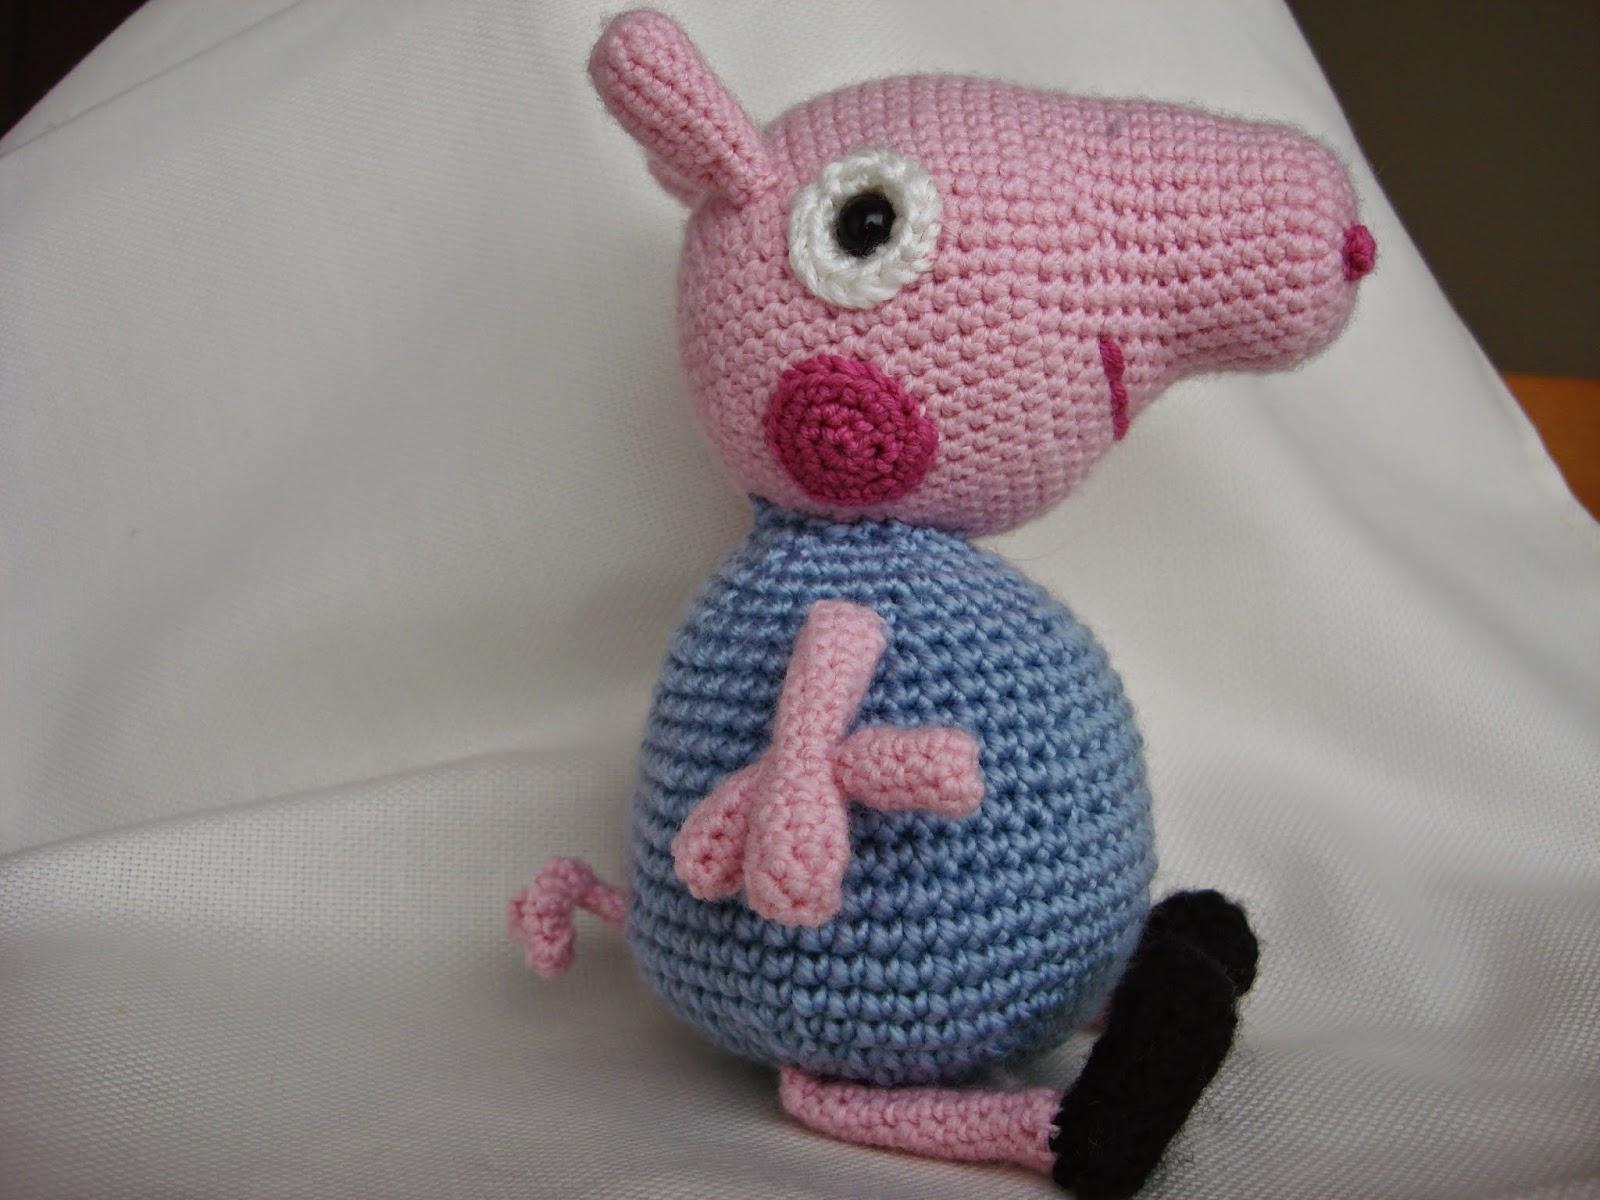 Piglet canal crochet